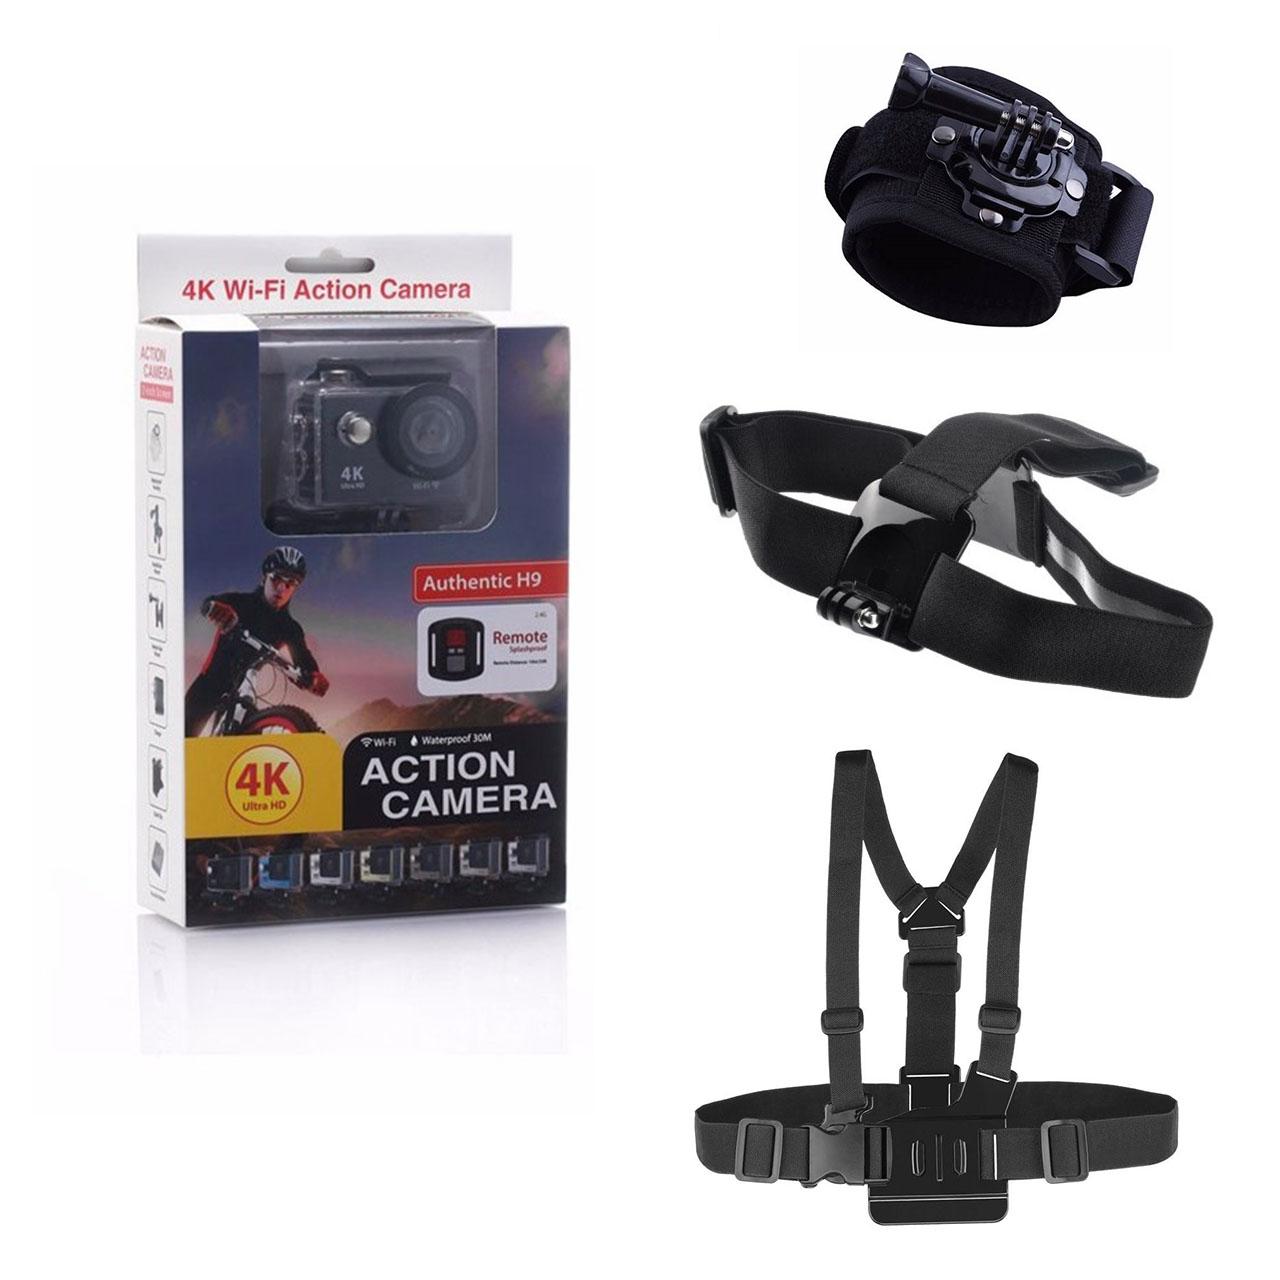 دوربین ورزشی اکشن کمرا مدل H9 با اتصالات اضافی